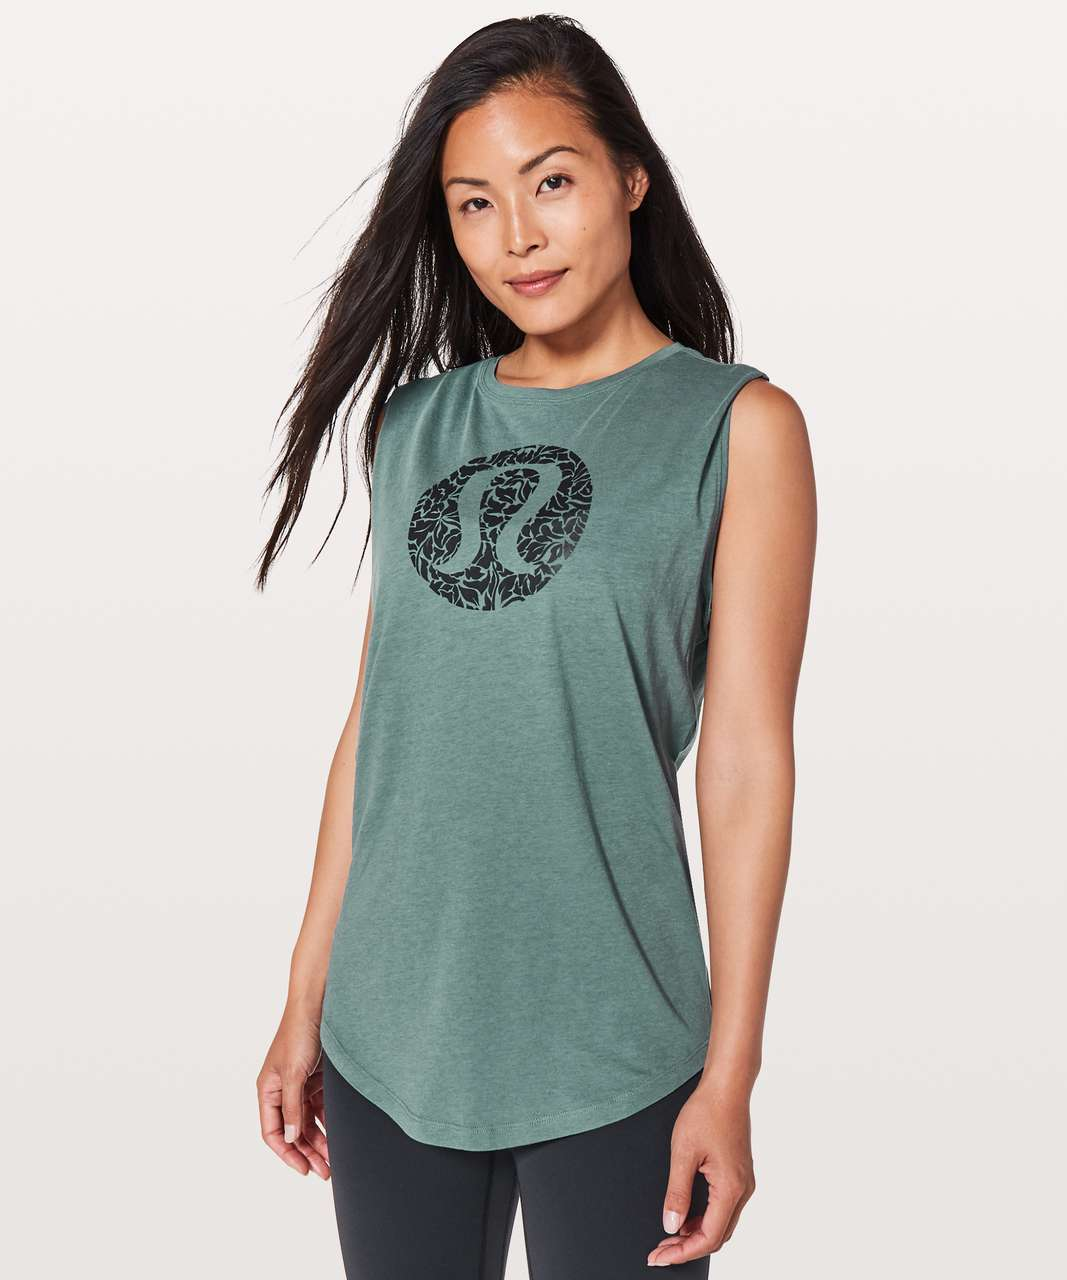 062805de Lululemon Brunswick Muscle Tank *Expression - Graphite Green - lulu fanatics